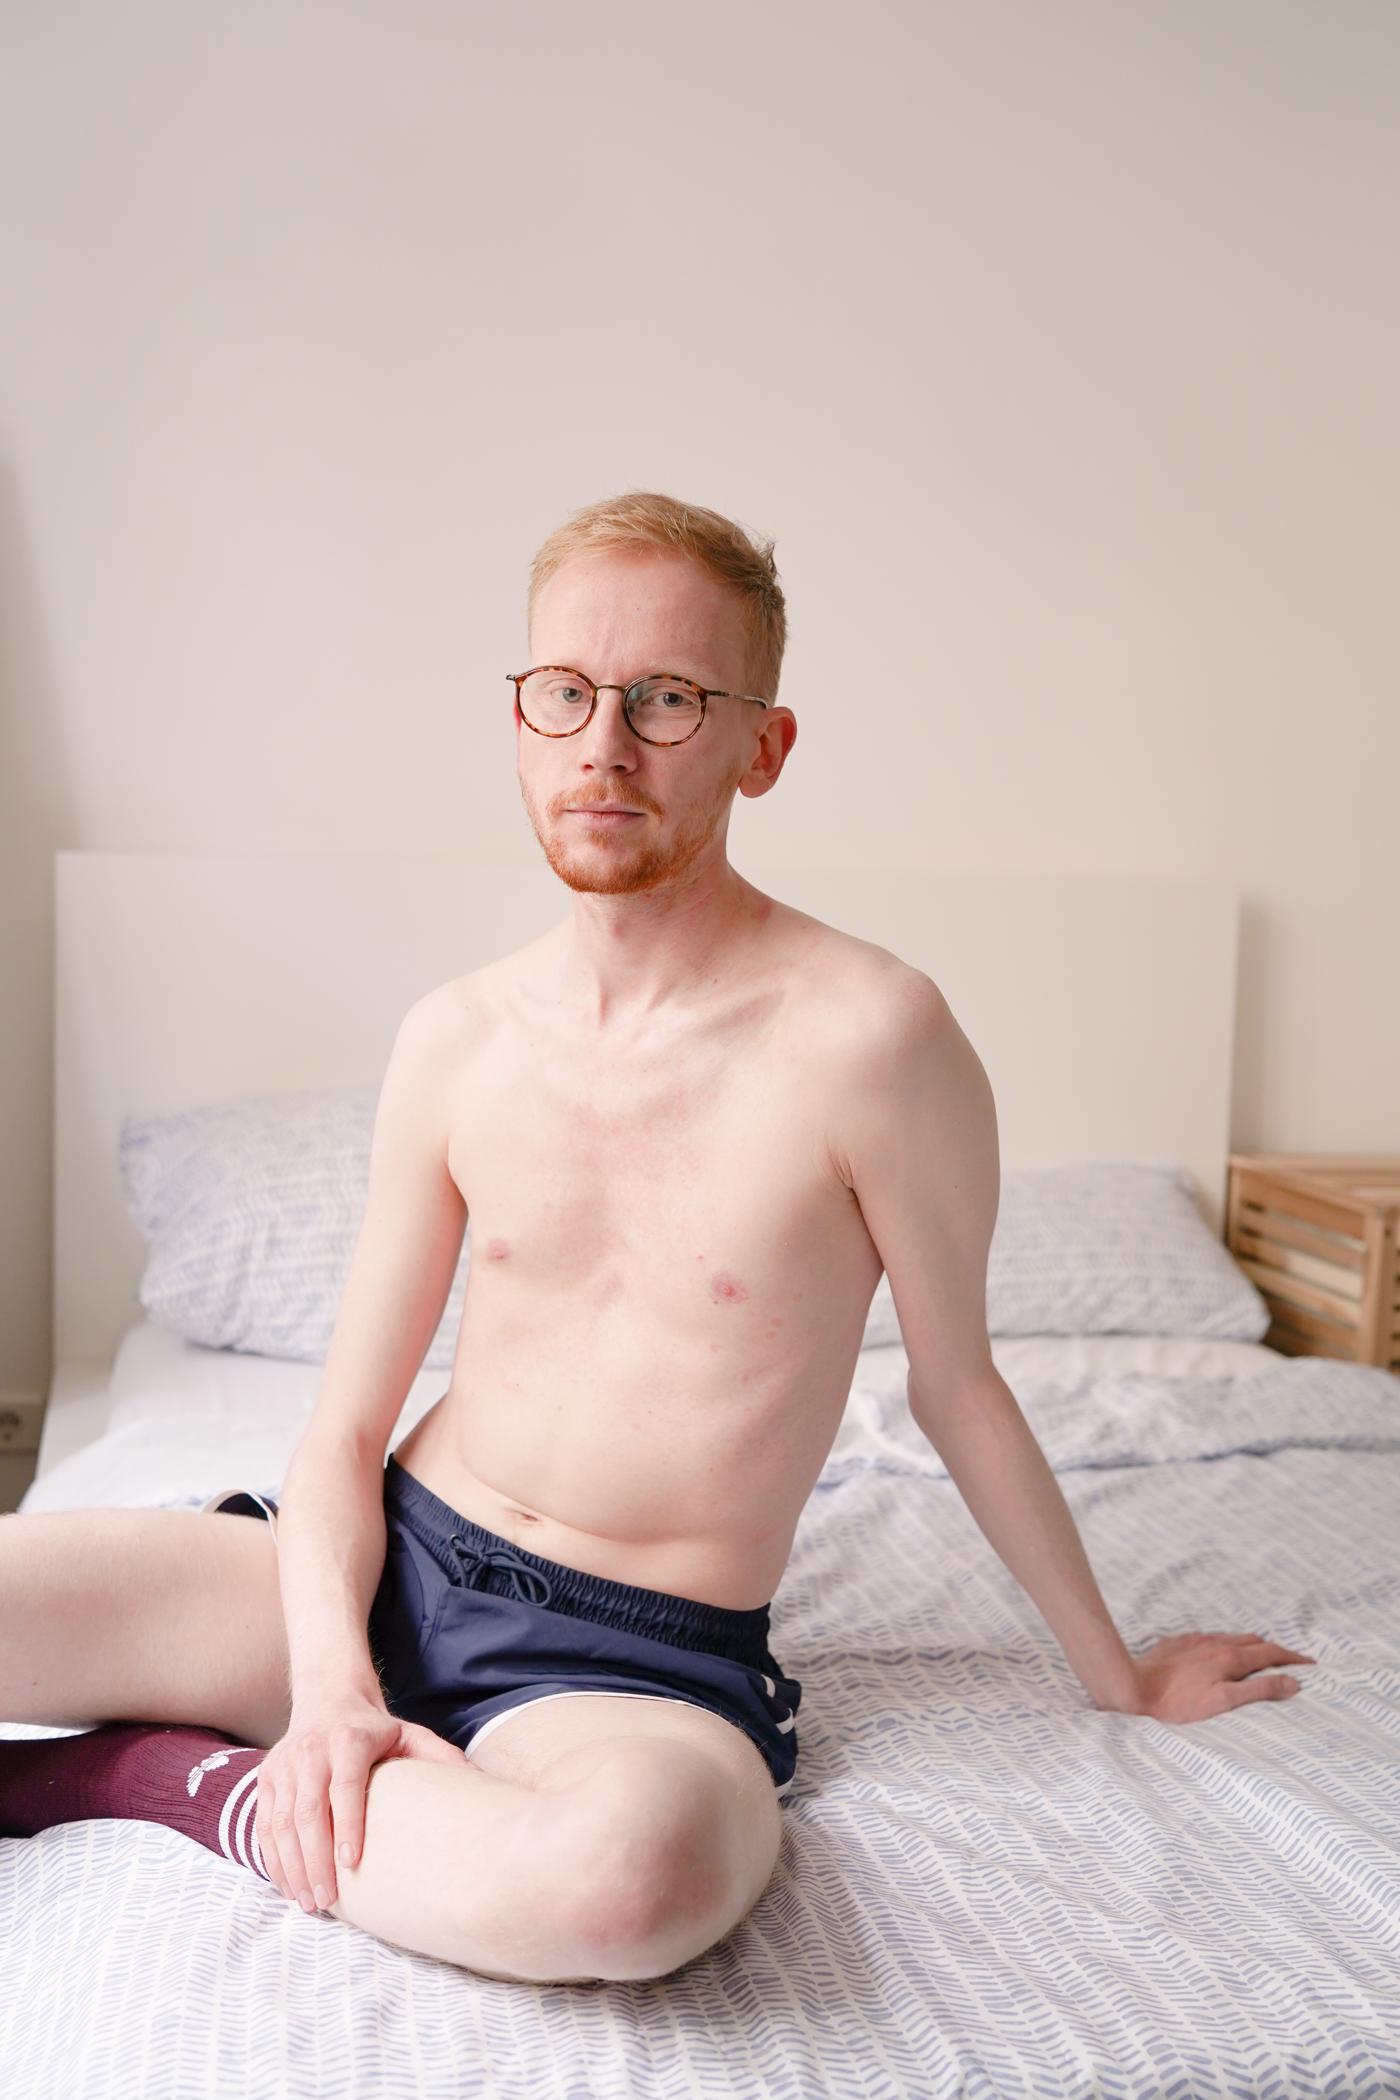 Christoph from Berlin